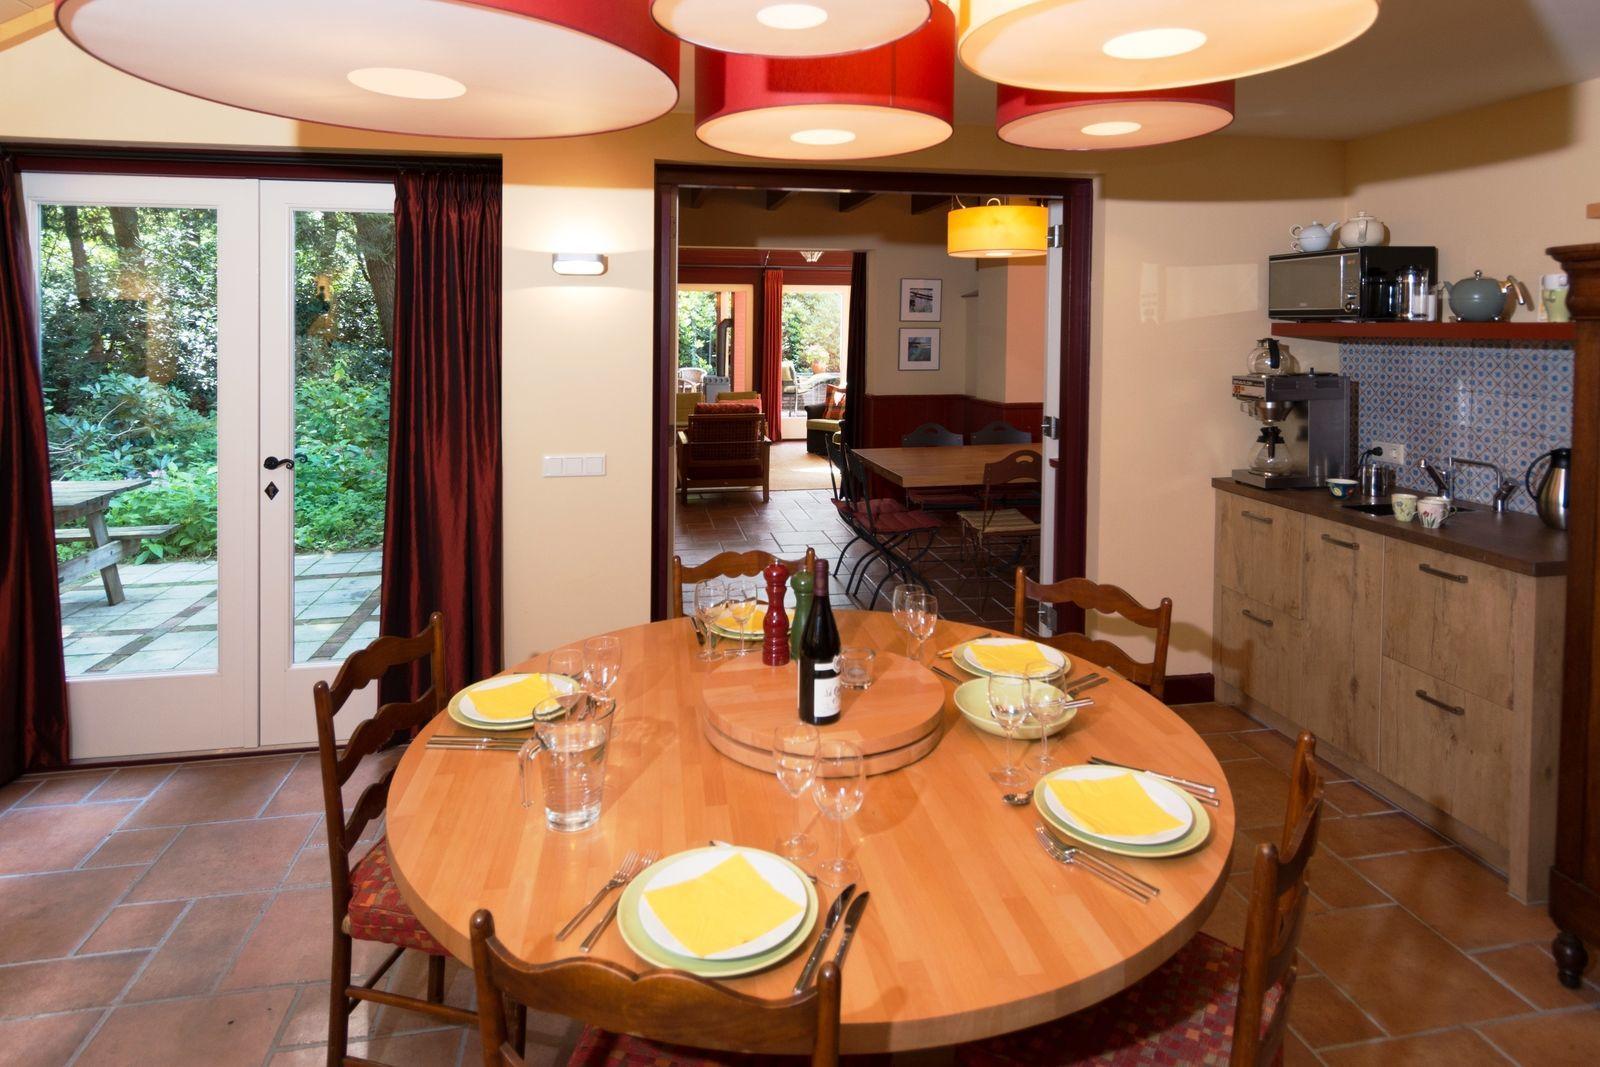 Buitenplaets de Heide Woonhuis - vakantiehuis op privelandgoed in Twente voor actieve gezinnen